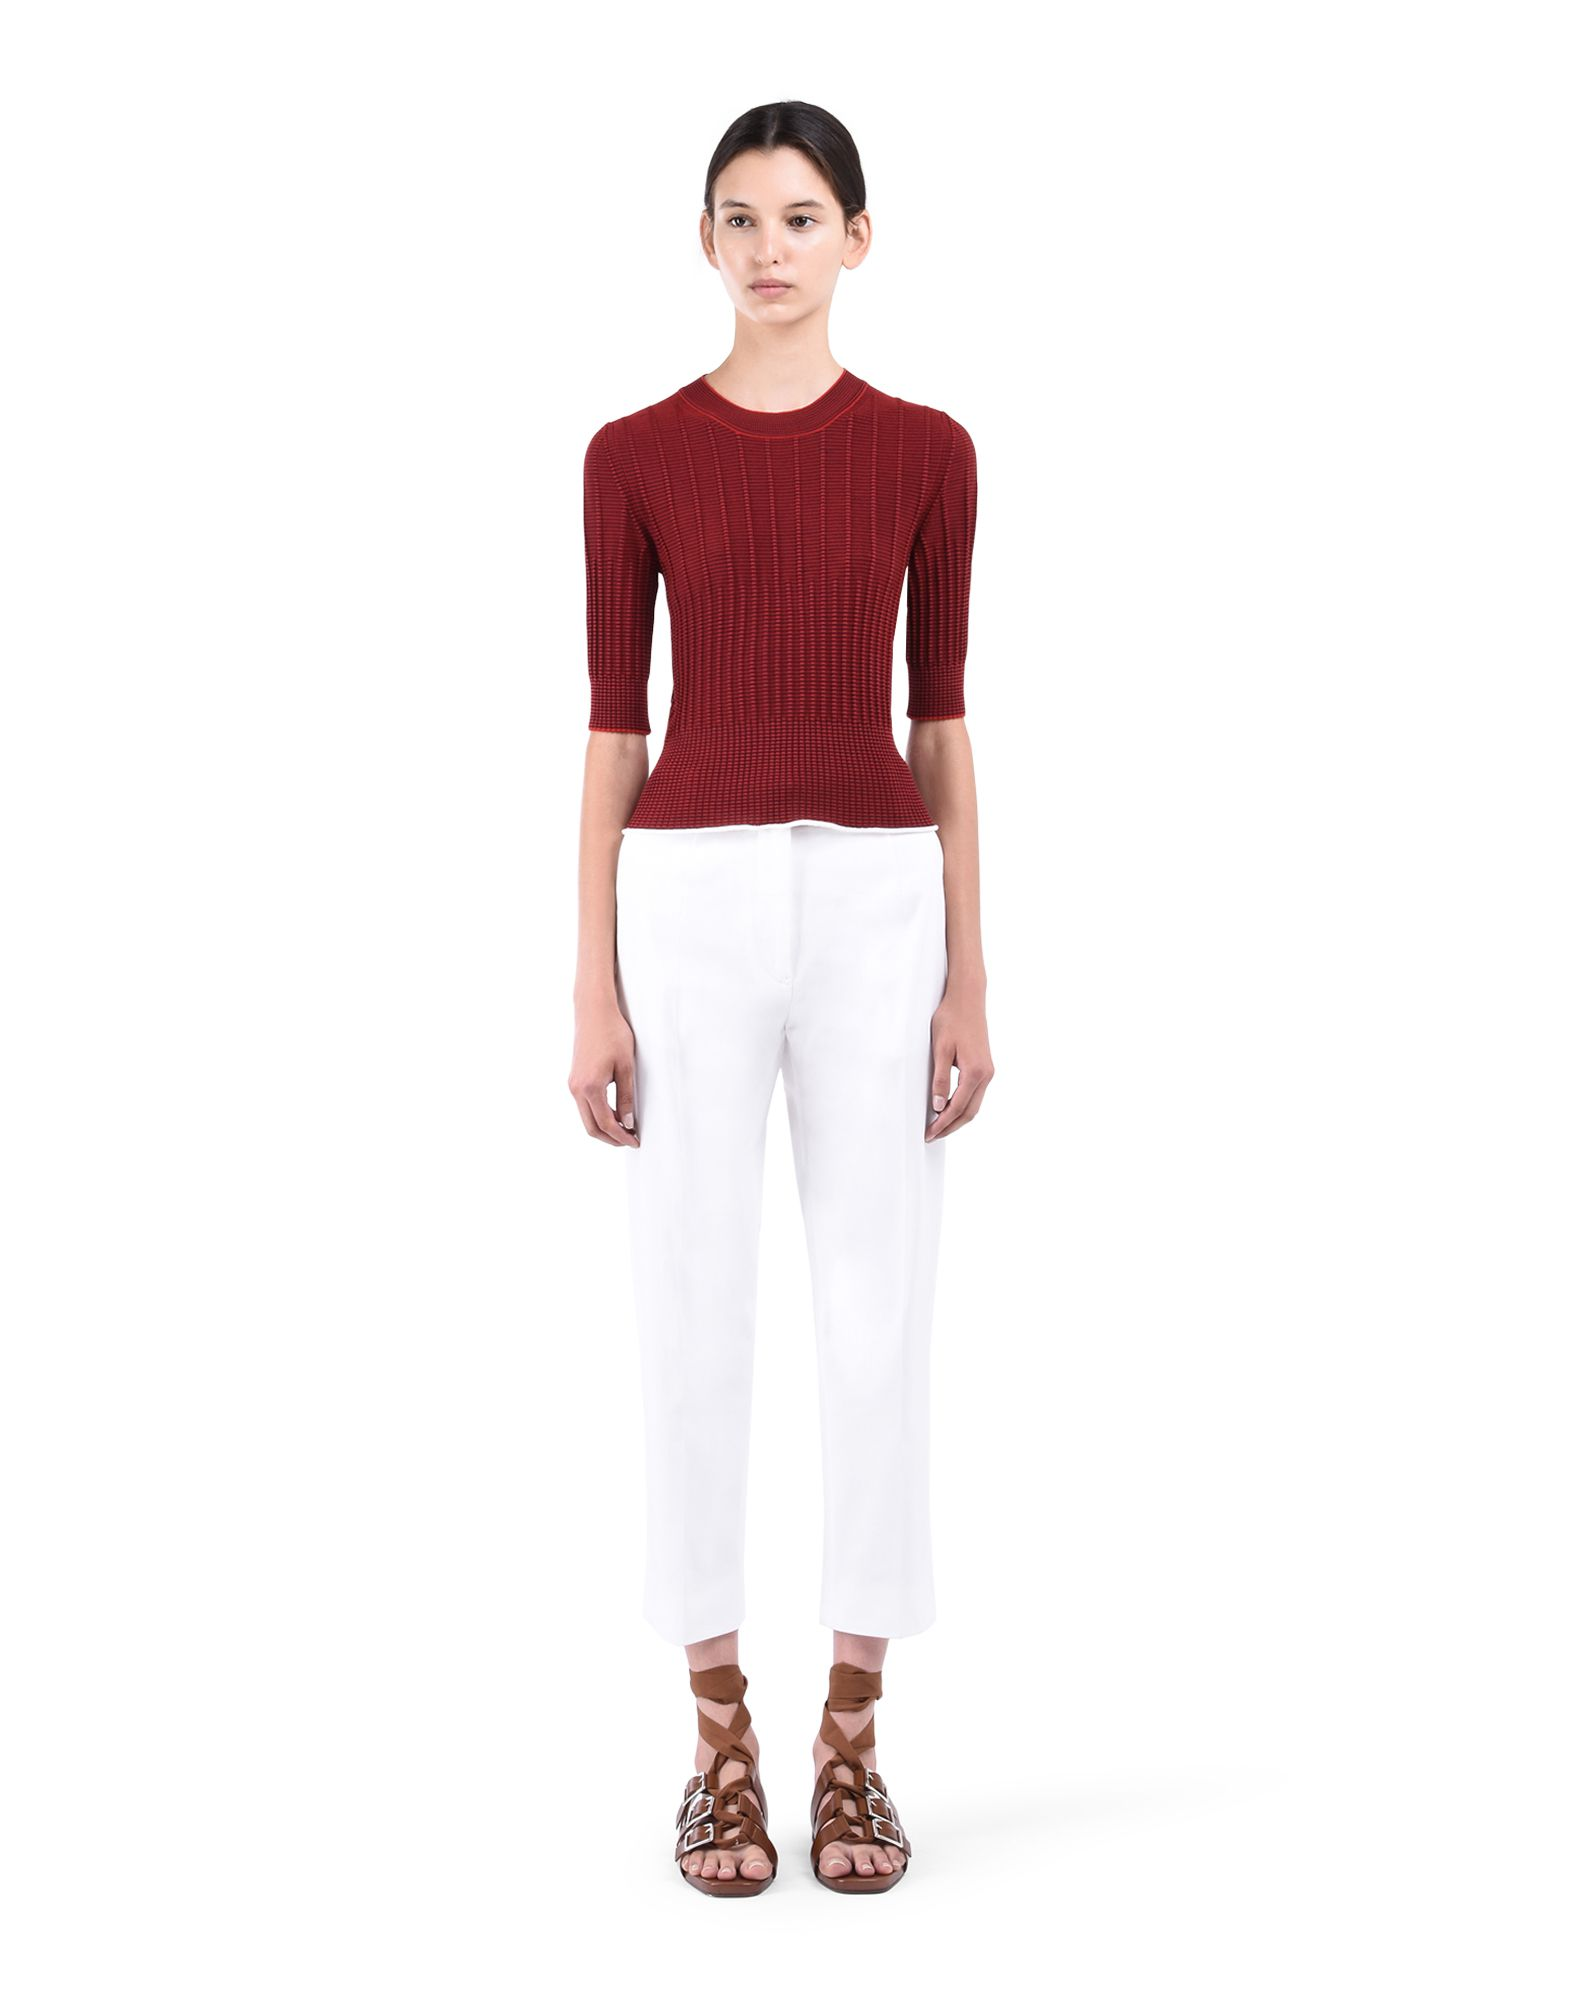 Sweater - JIL SANDER Online Store